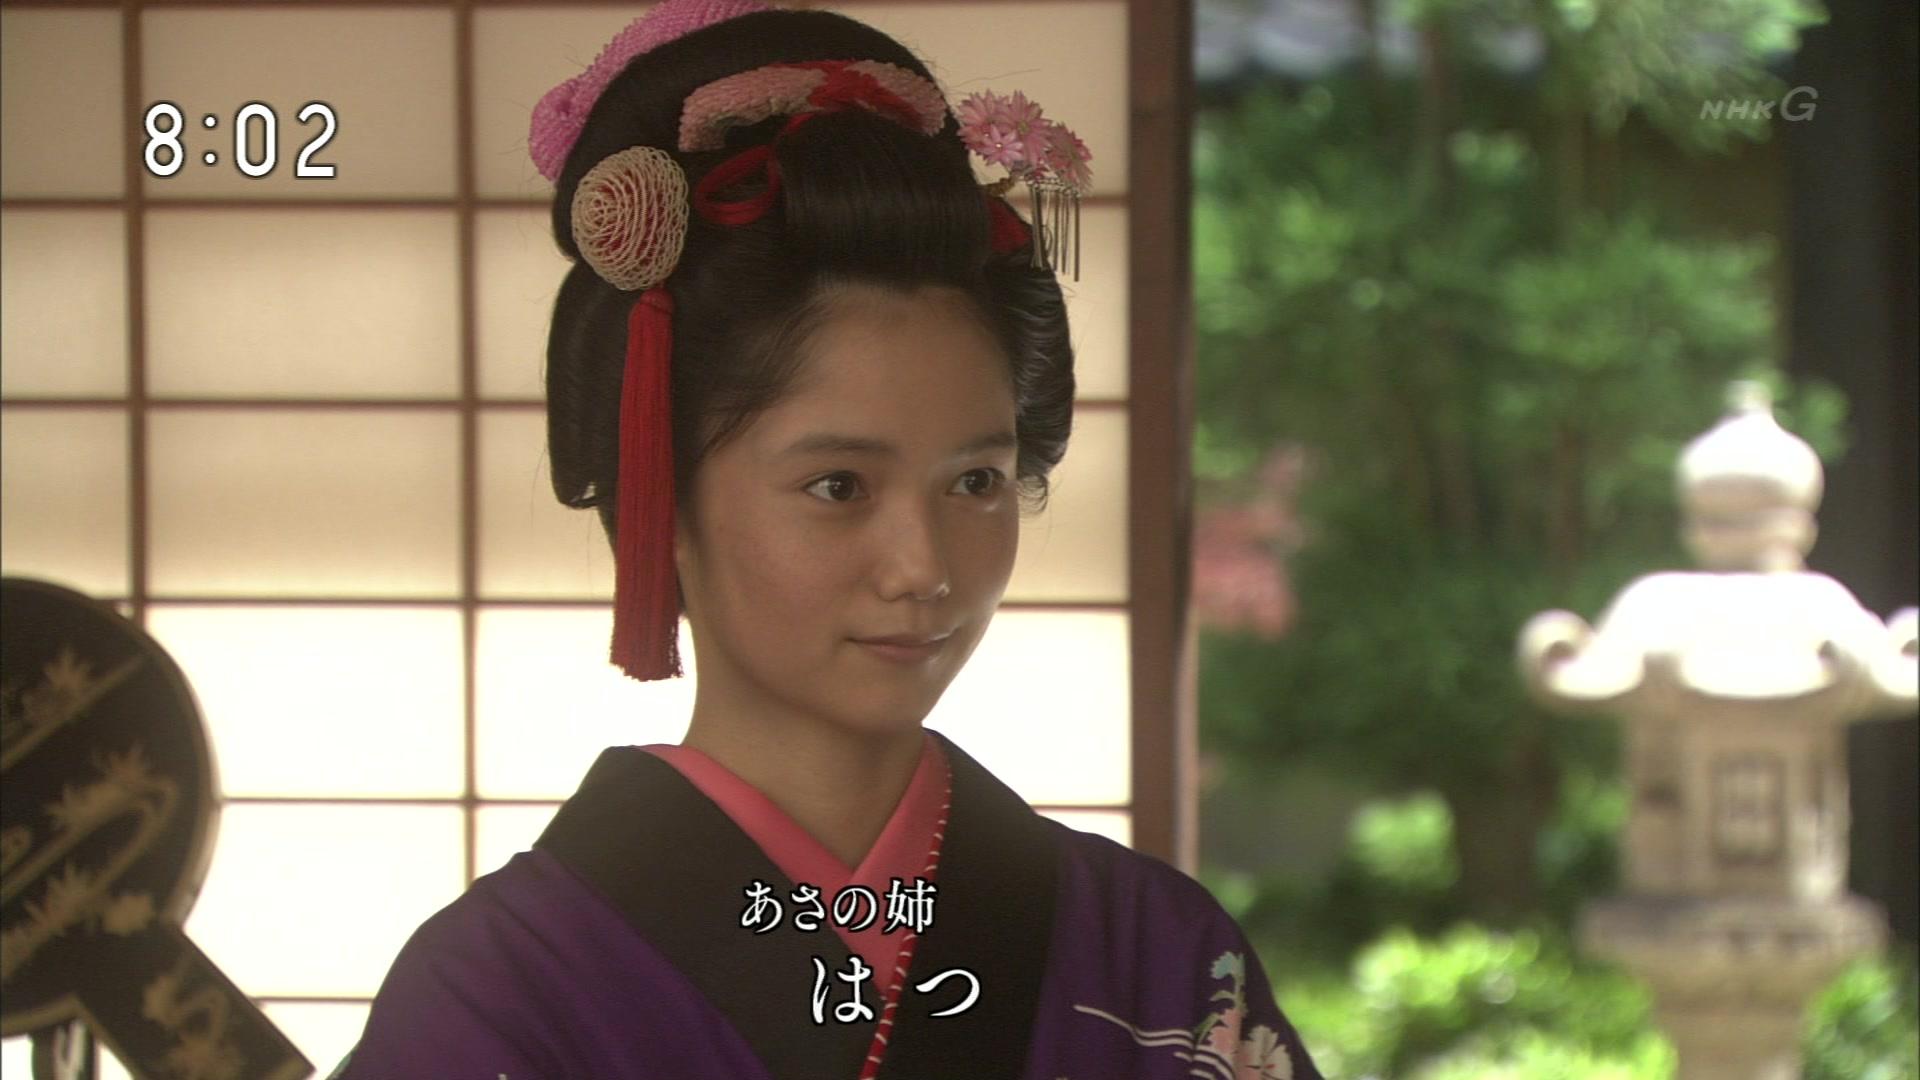 2015-10-09 08:00 連続テレビ小説 あさが来た(11)「ふたつの花びら」 0457